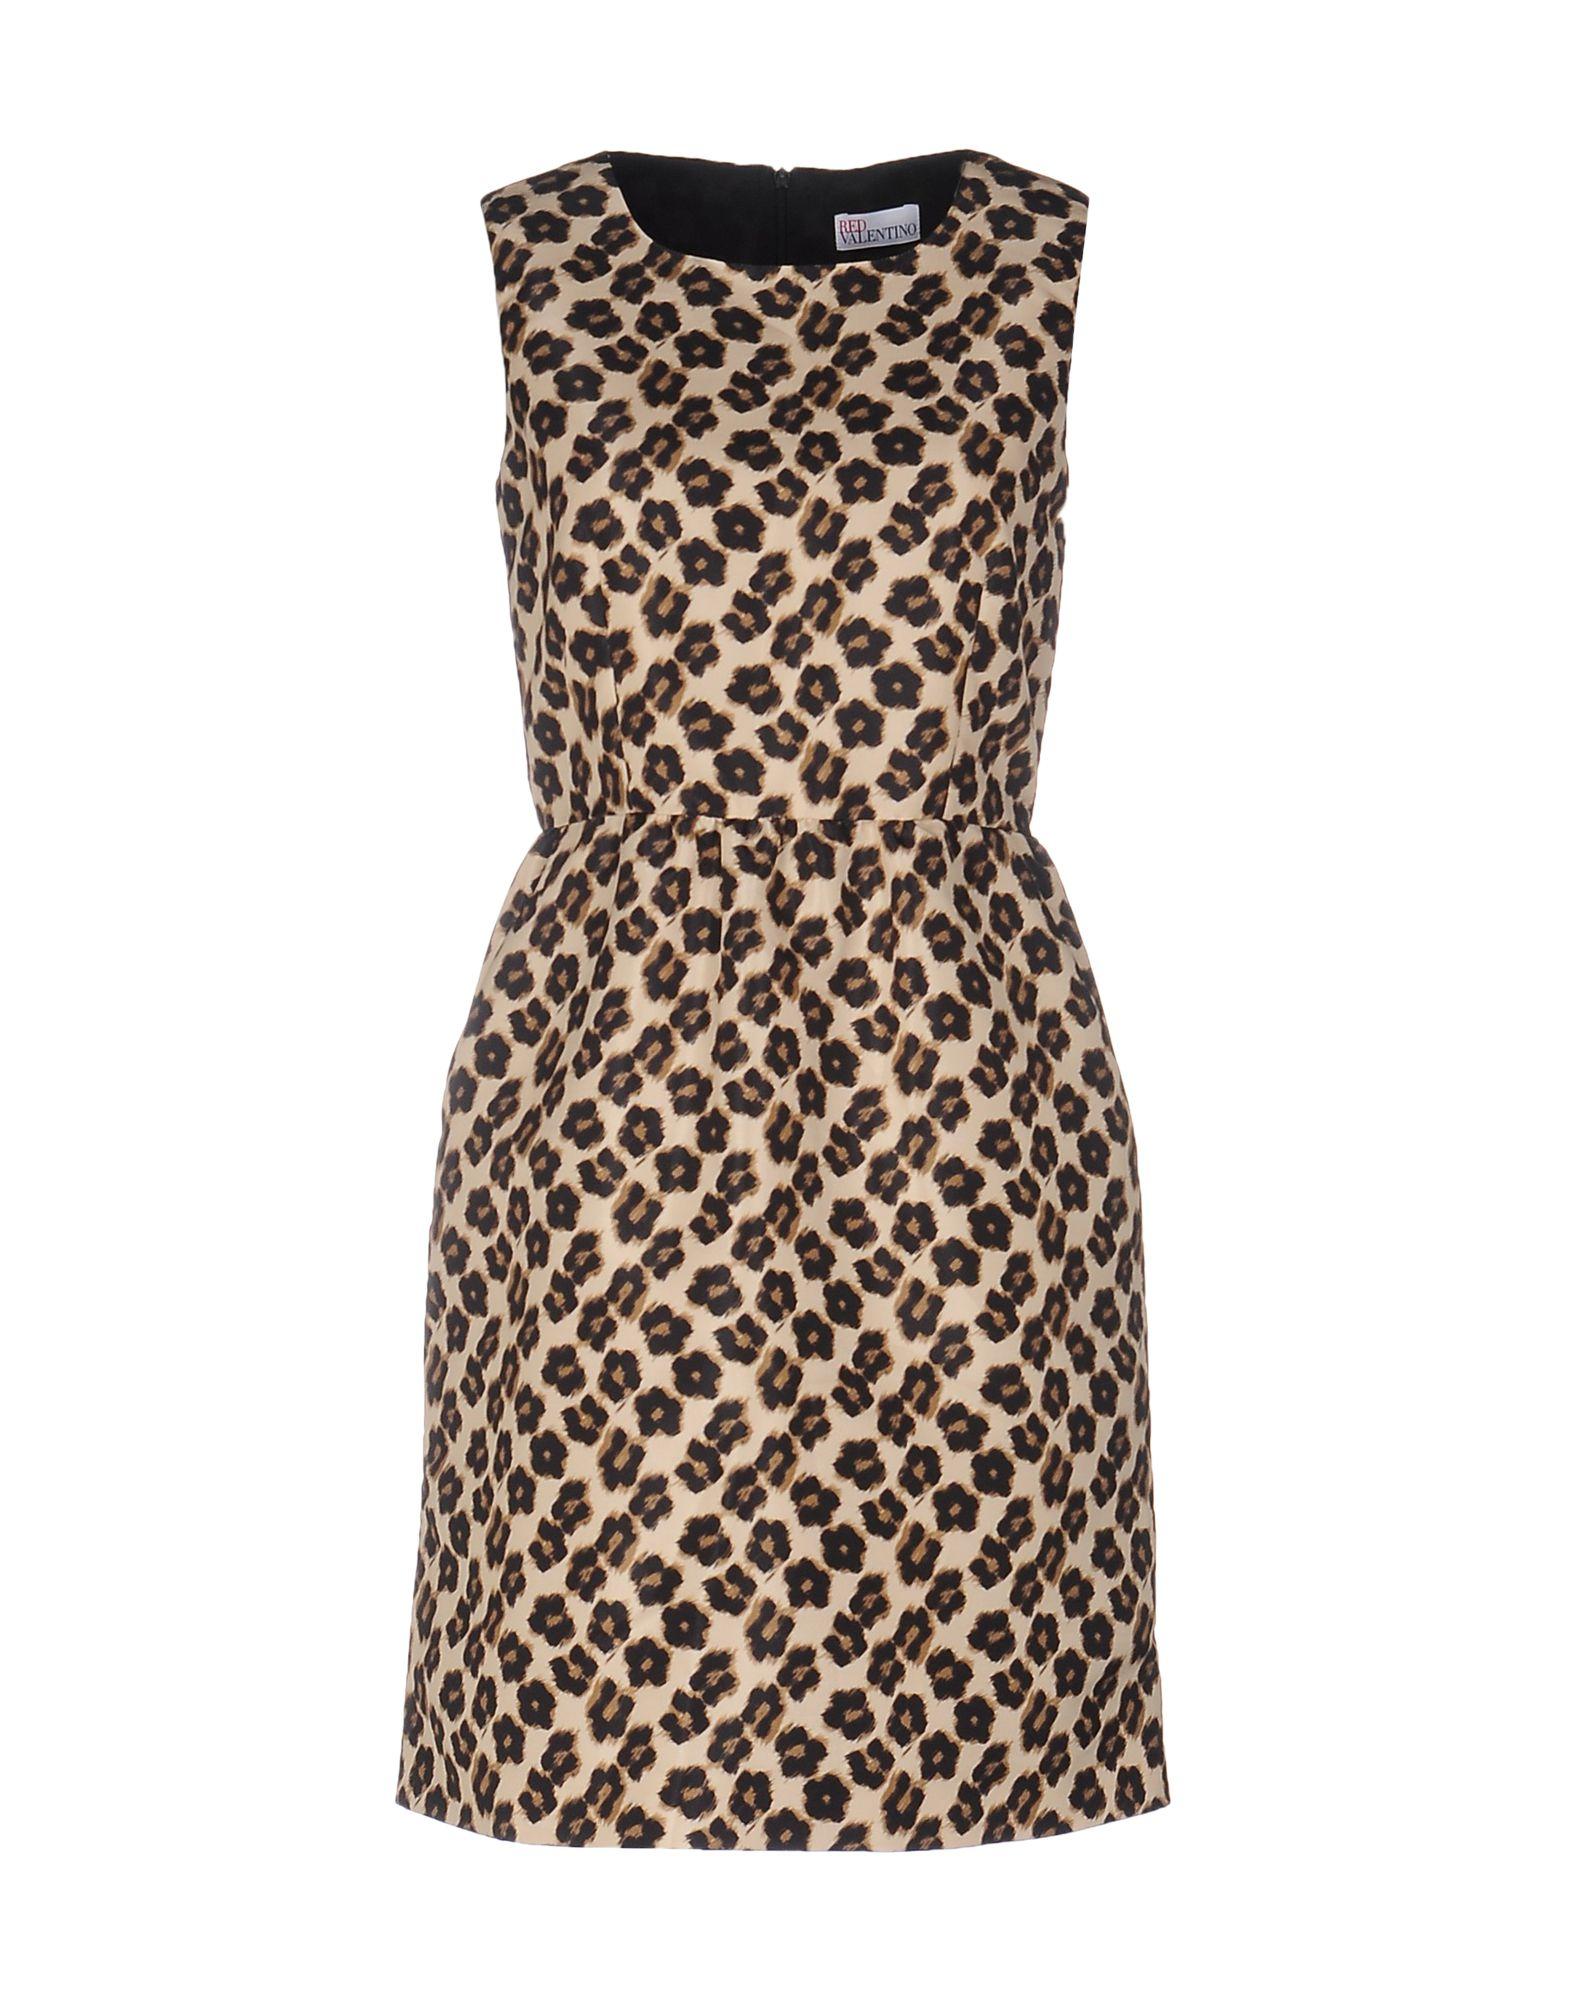 REDValentino Damen Kurzes Kleid Farbe Beige Größe 6 jetztbilligerkaufen